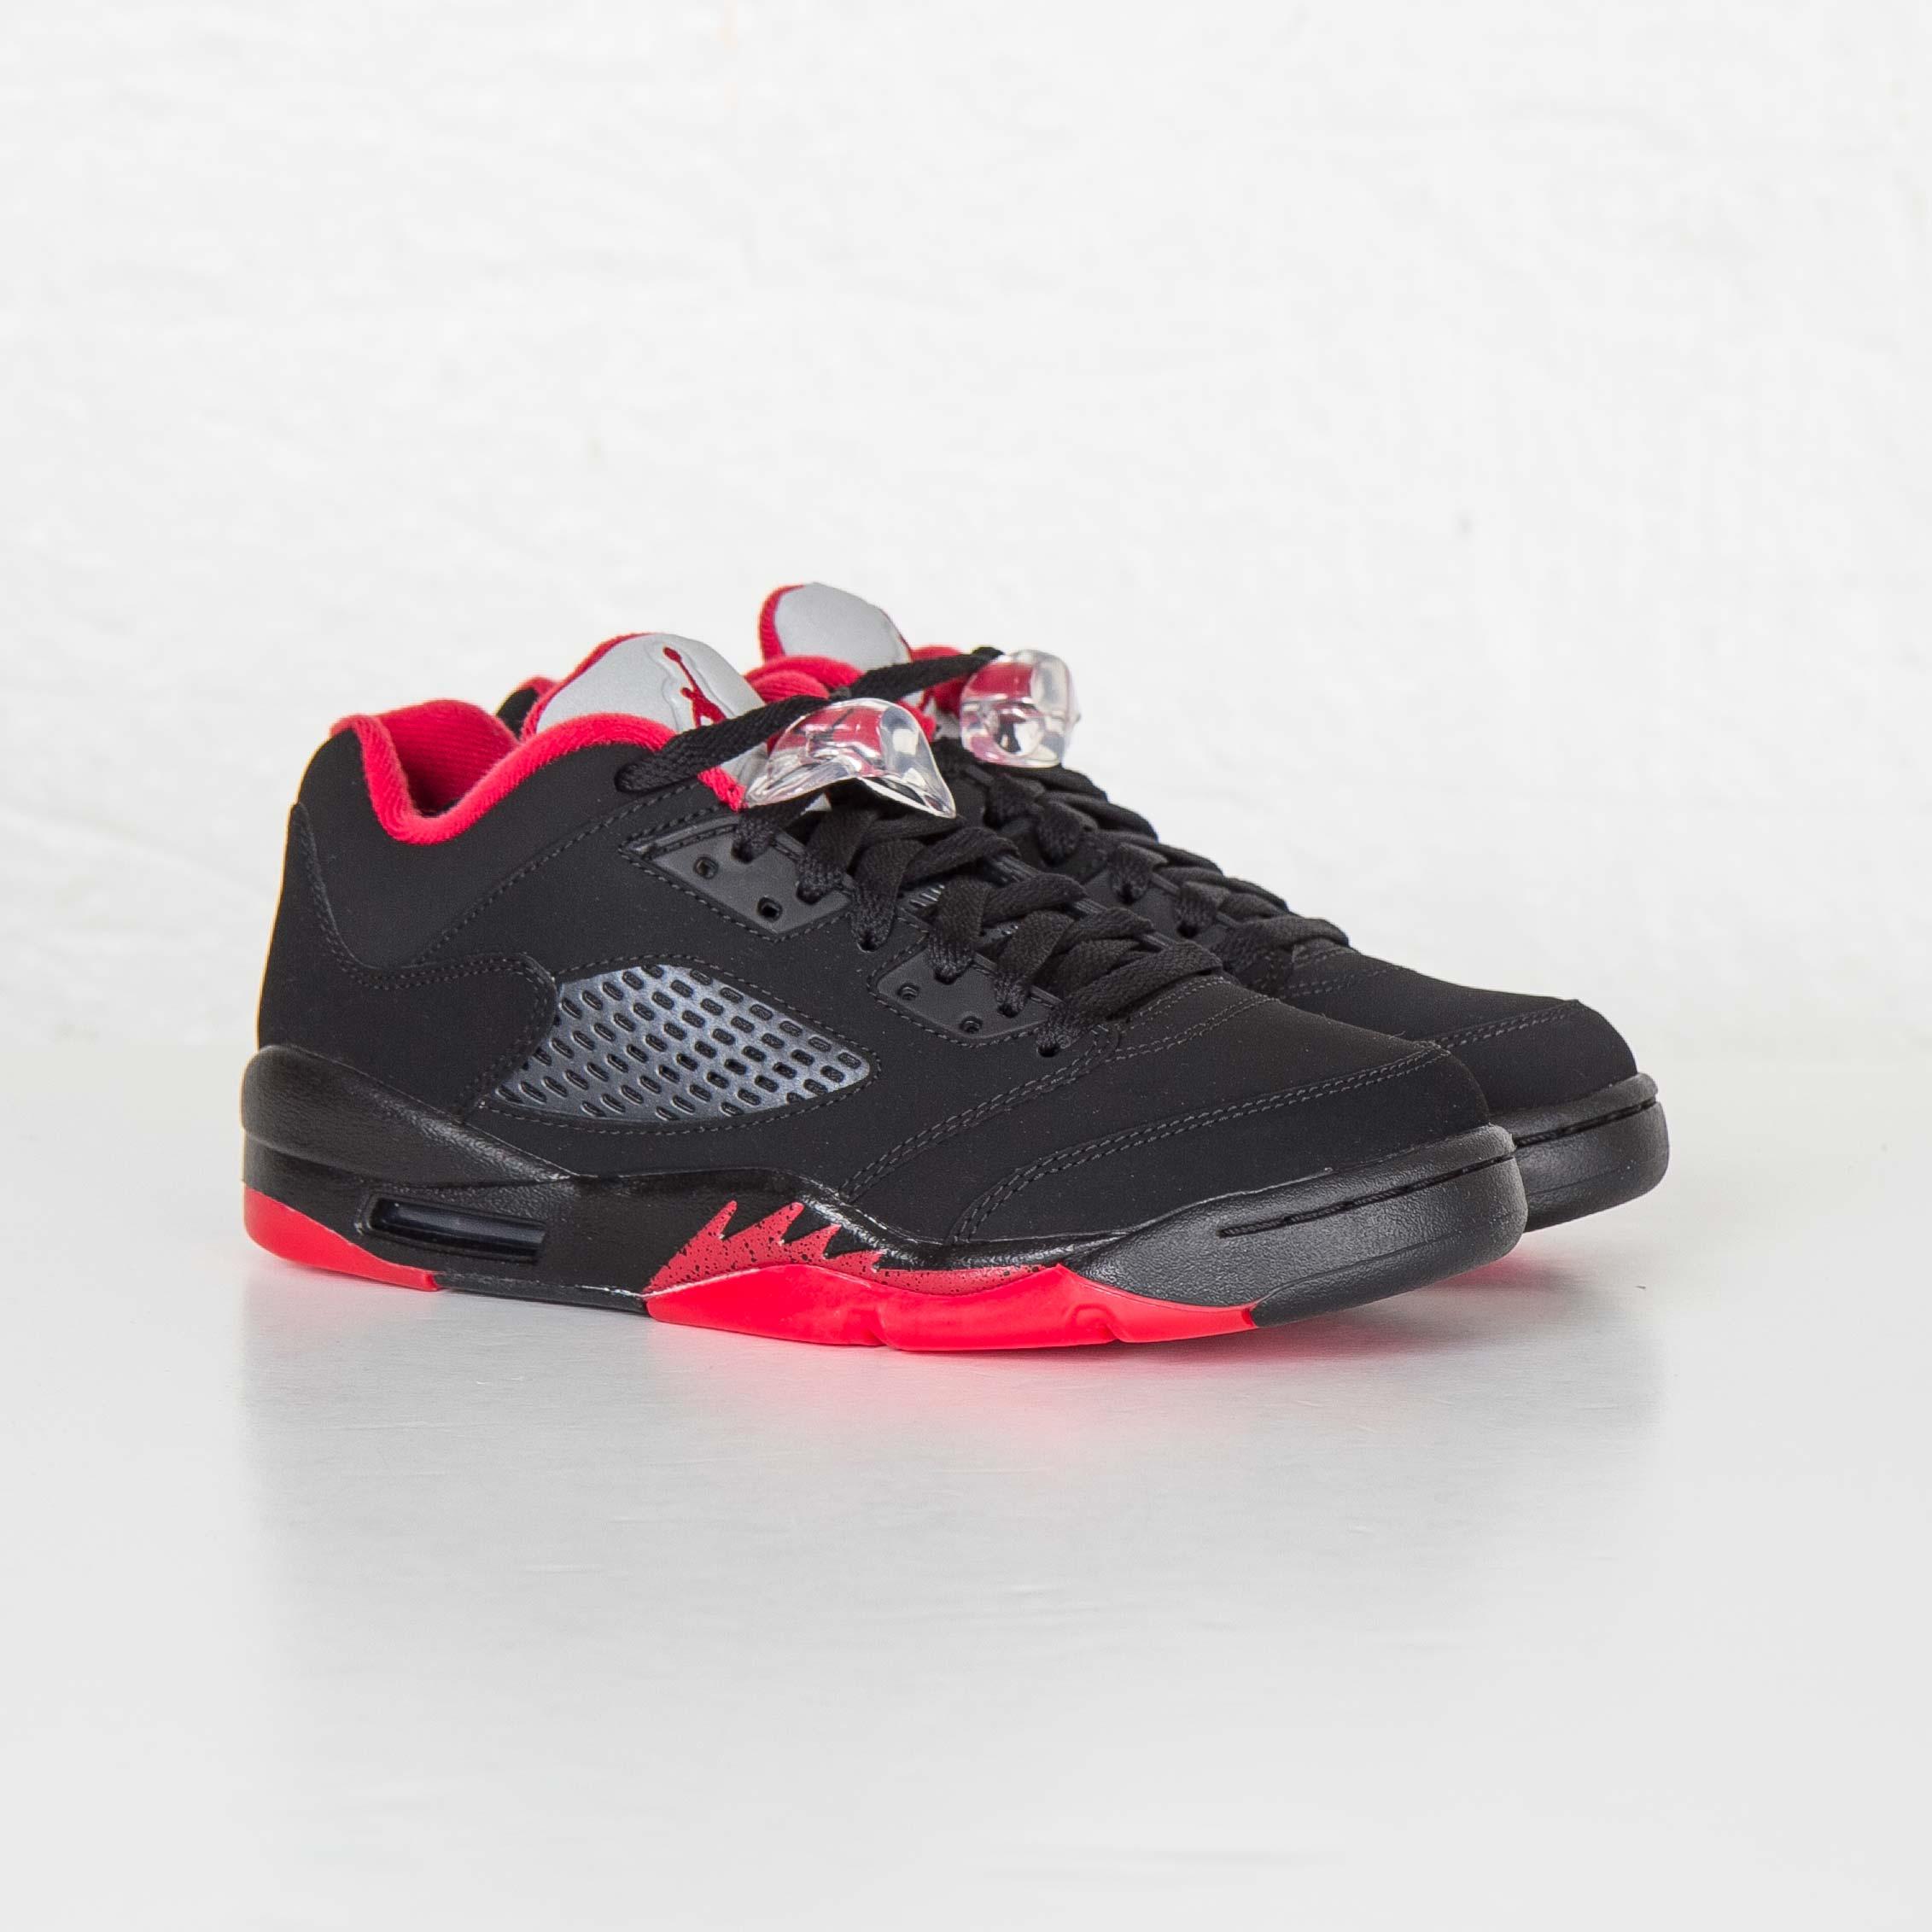 online retailer 52a25 ec073 Jordan Brand Air Jordan 5 Retro Low (GS)